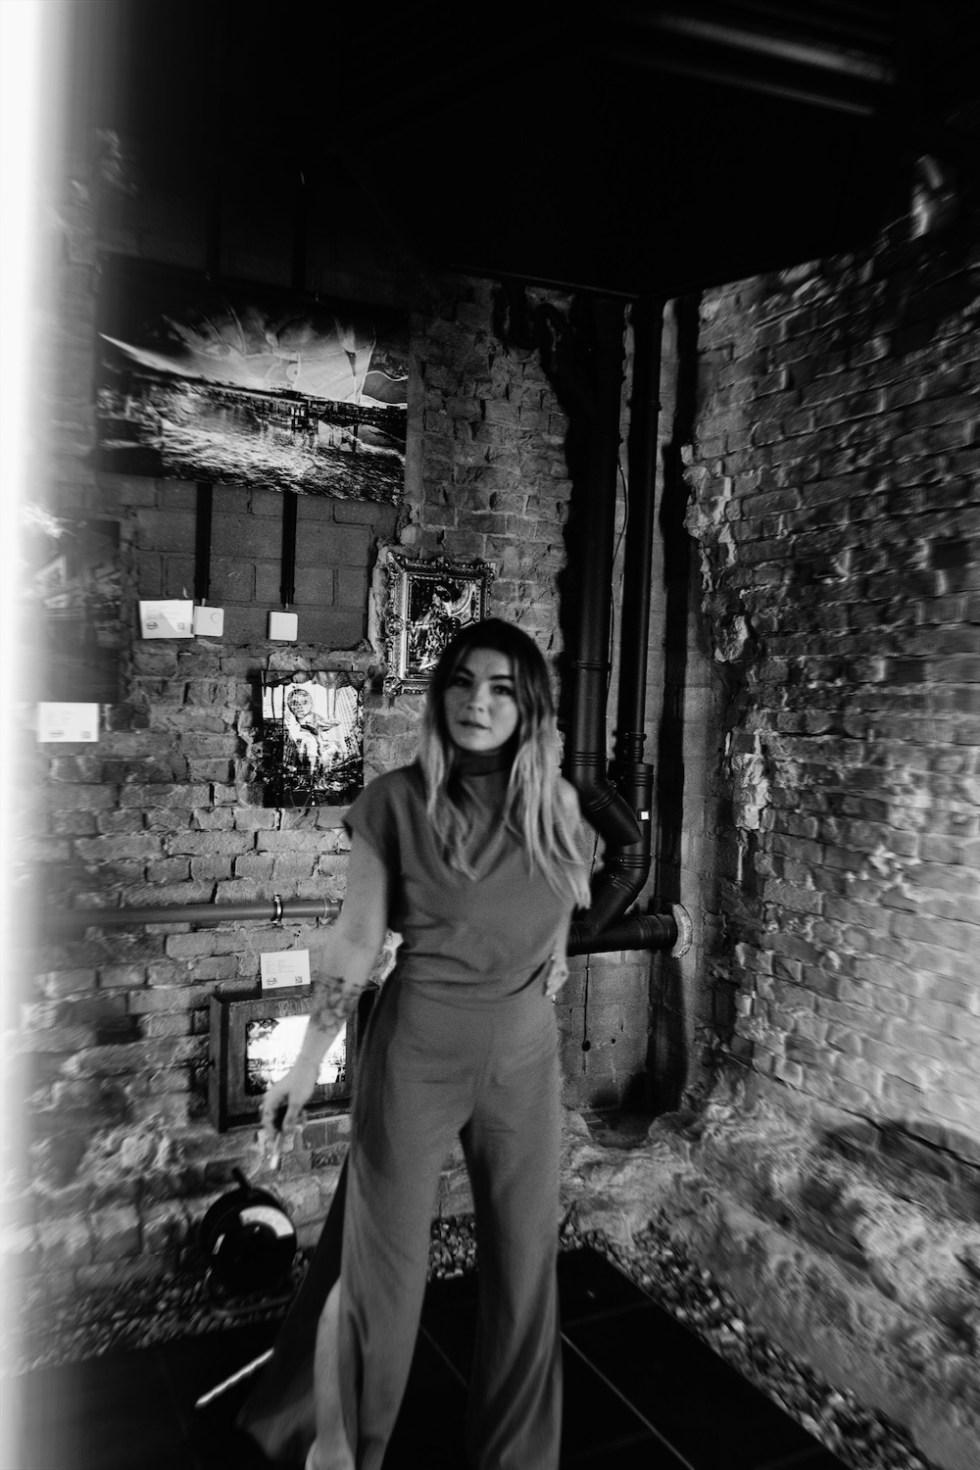 ella deck couture : #brokenmirror lesung